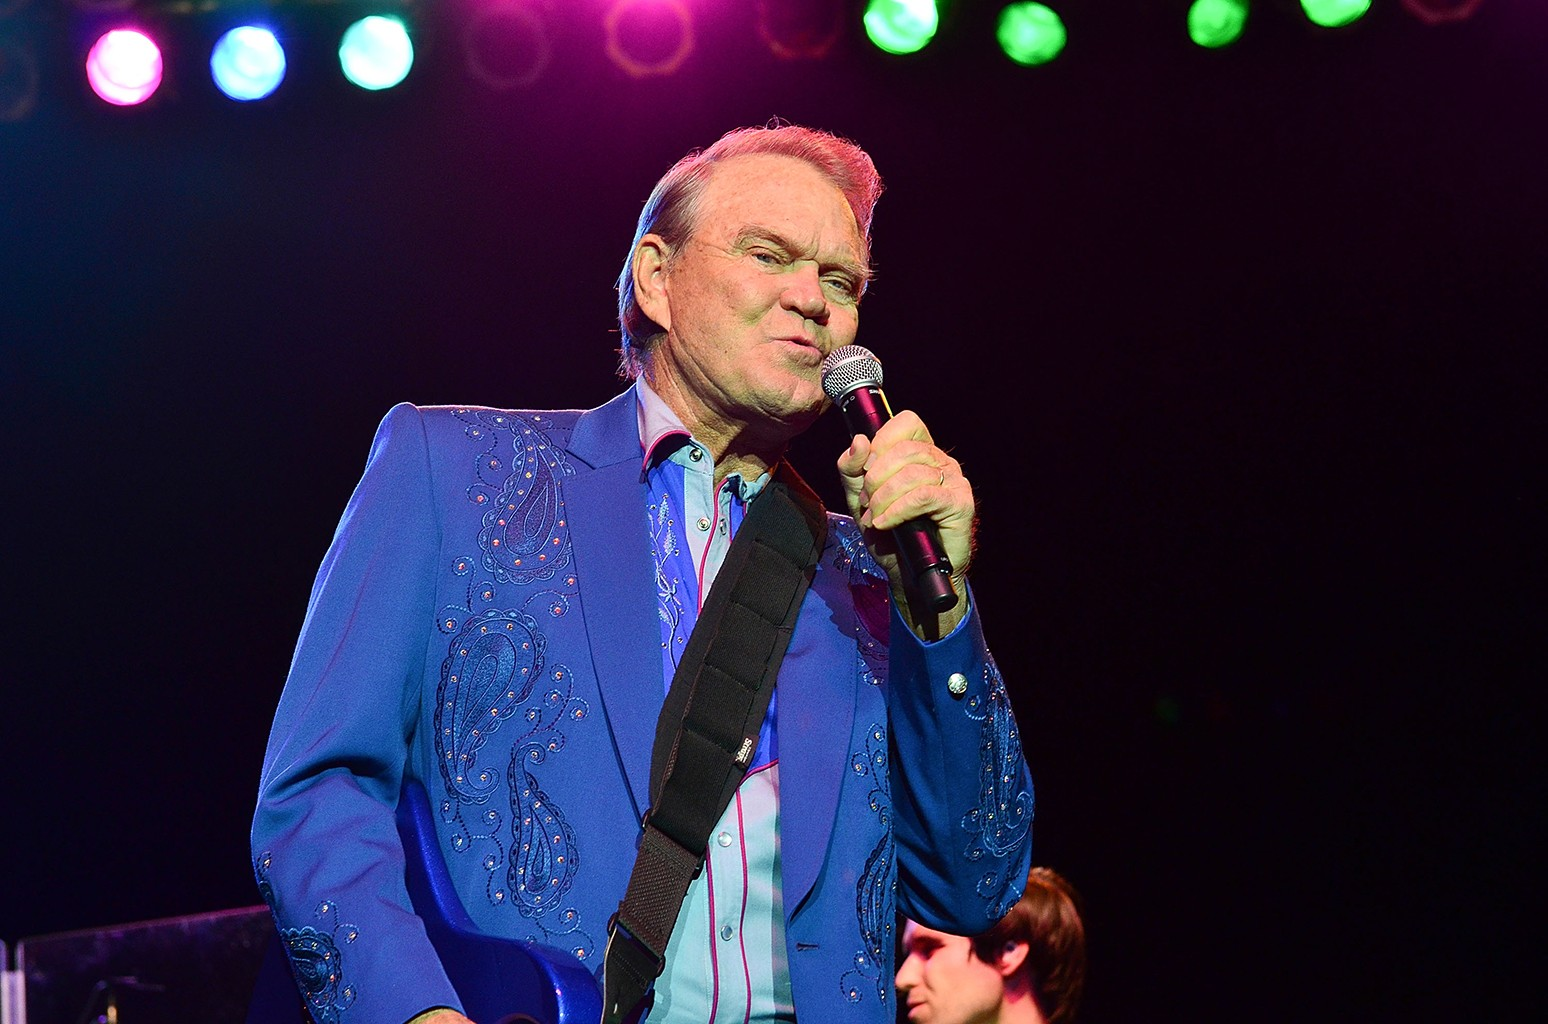 Glen Campbell in October 2012